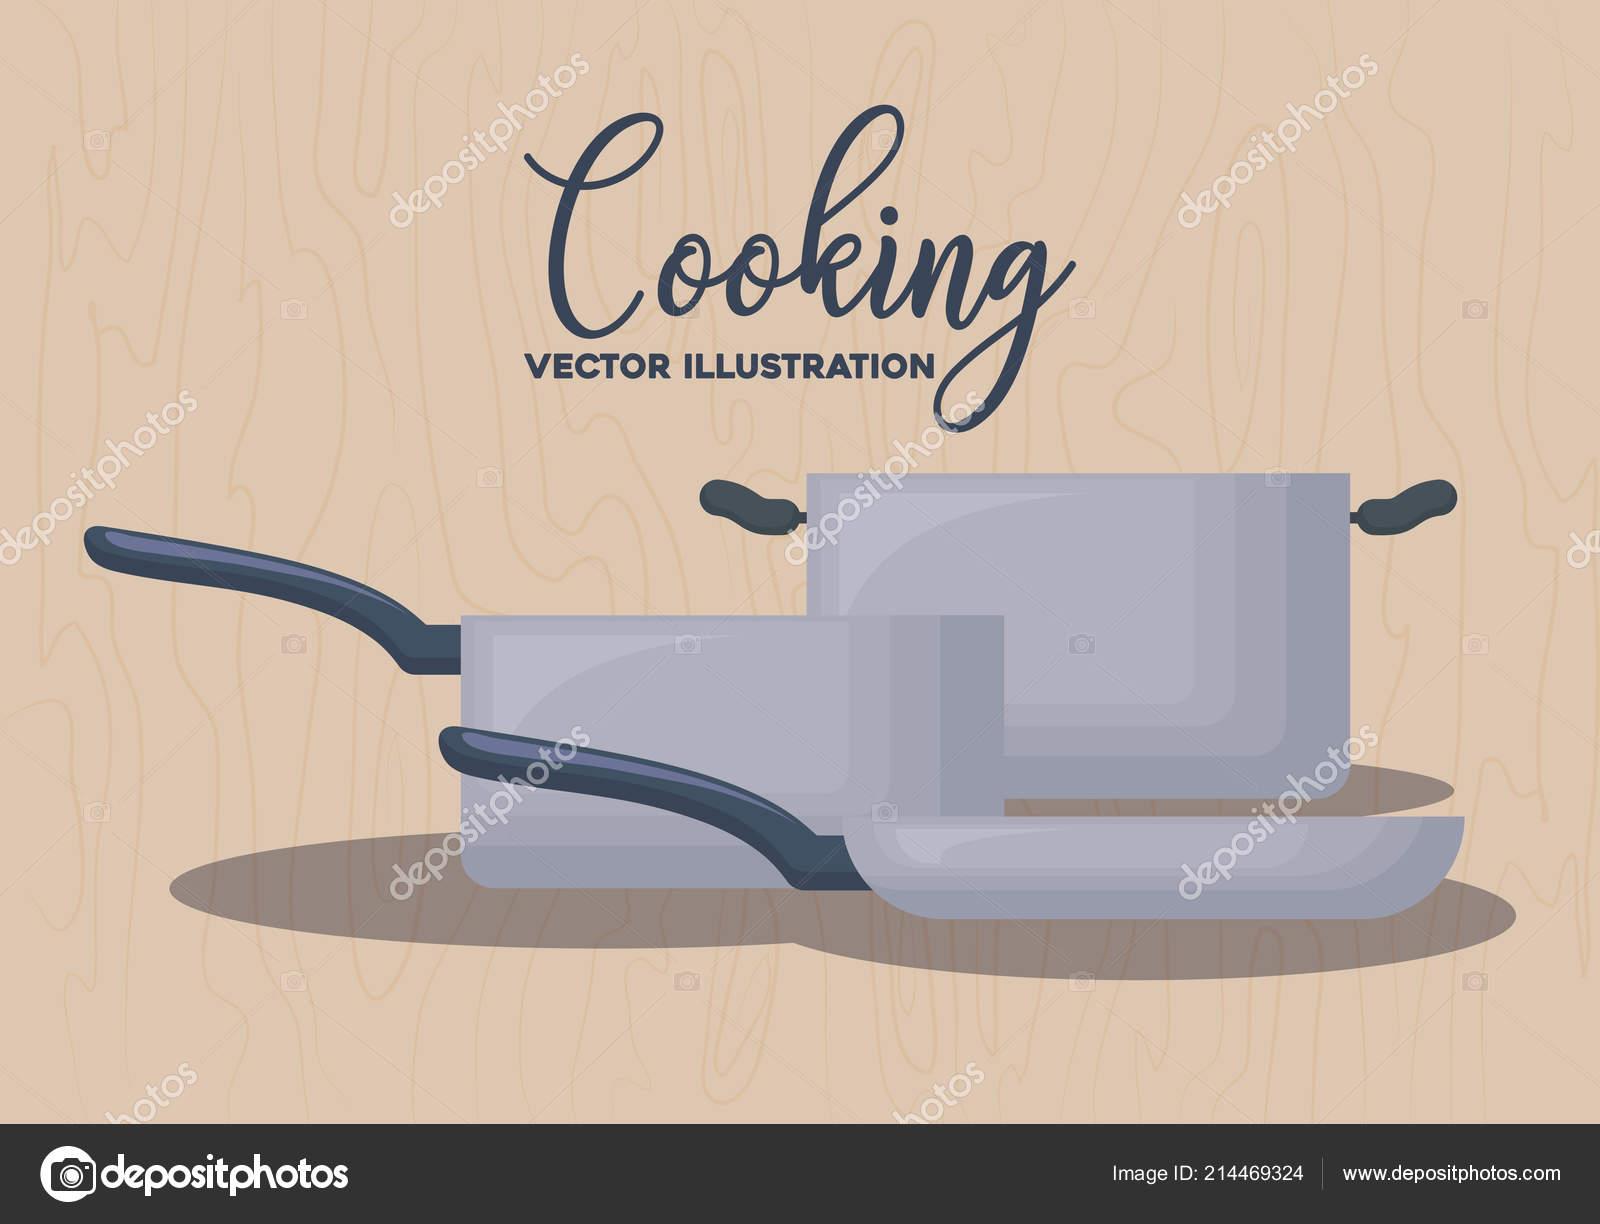 diseño de utensilios de cocina — Vector de stock © djv #214469324